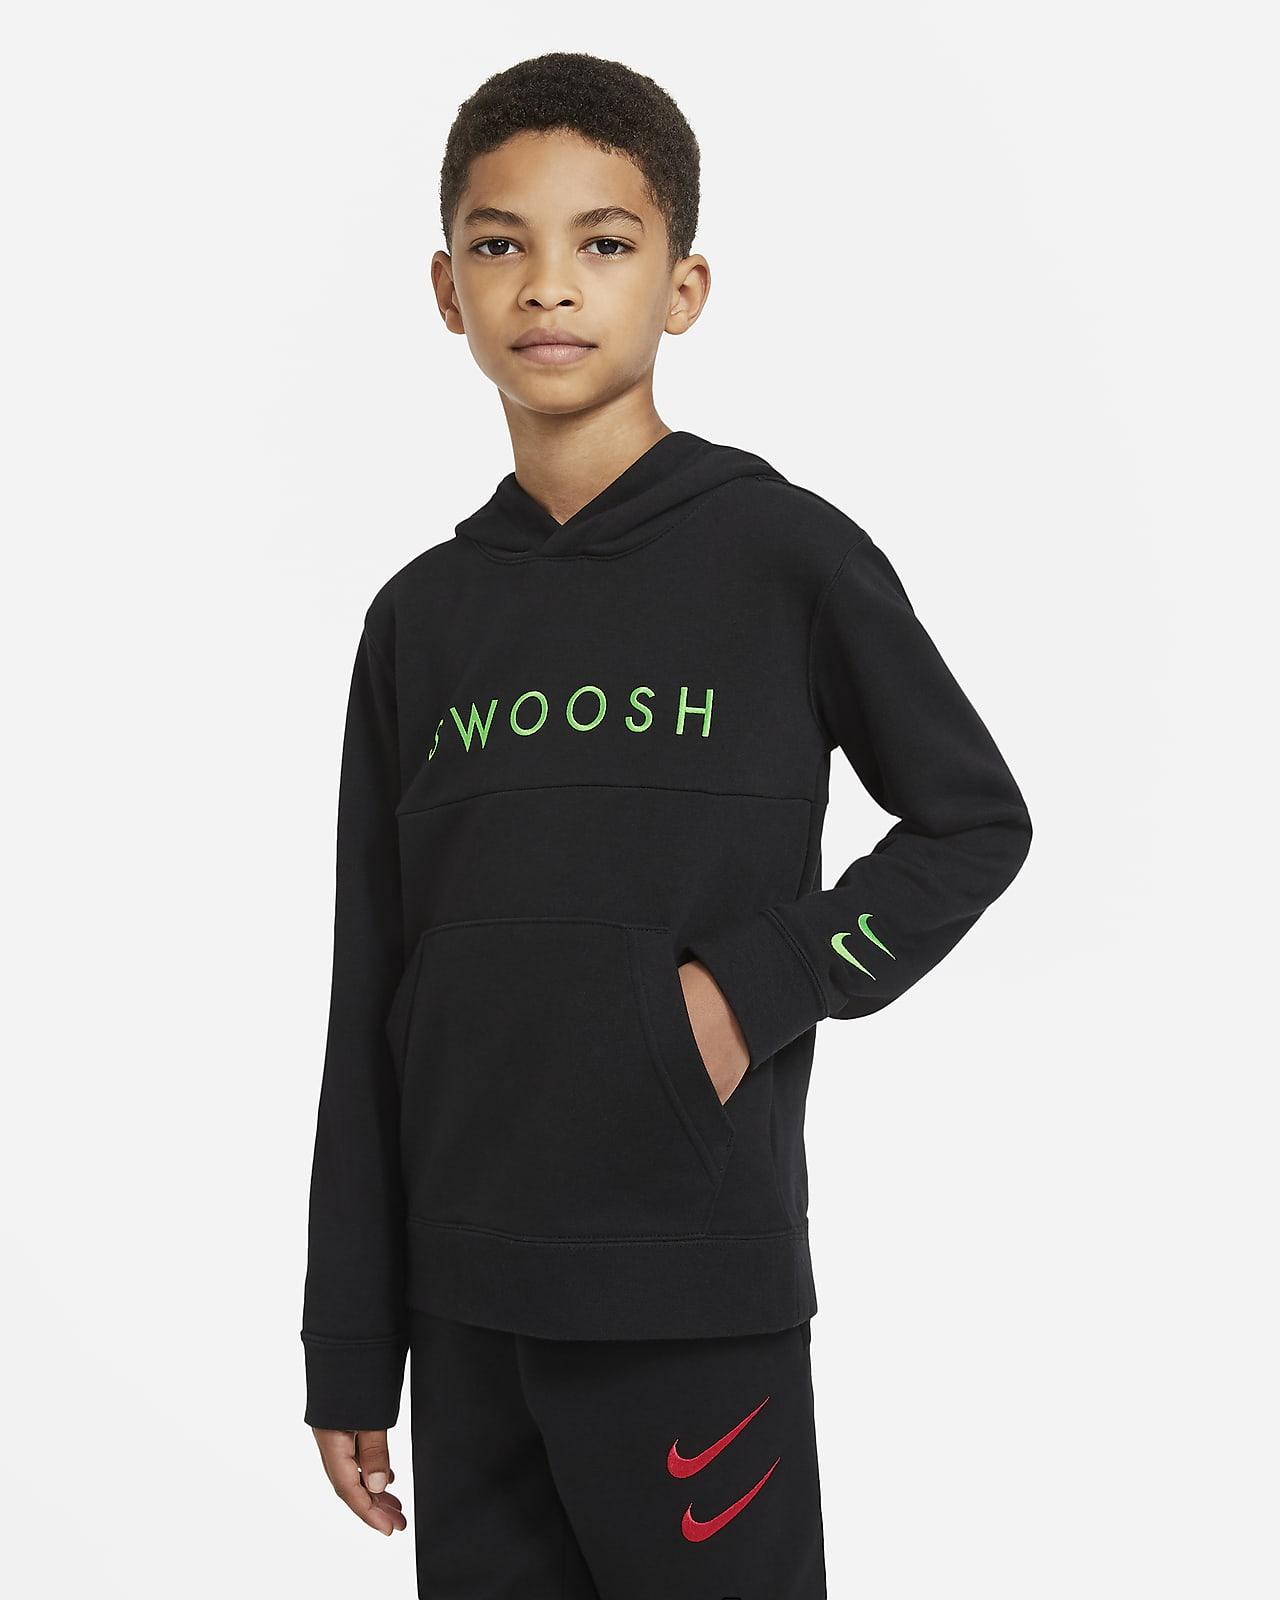 Nike Sportswear Swoosh Big Kids' (Boys') French Terry Hoodie